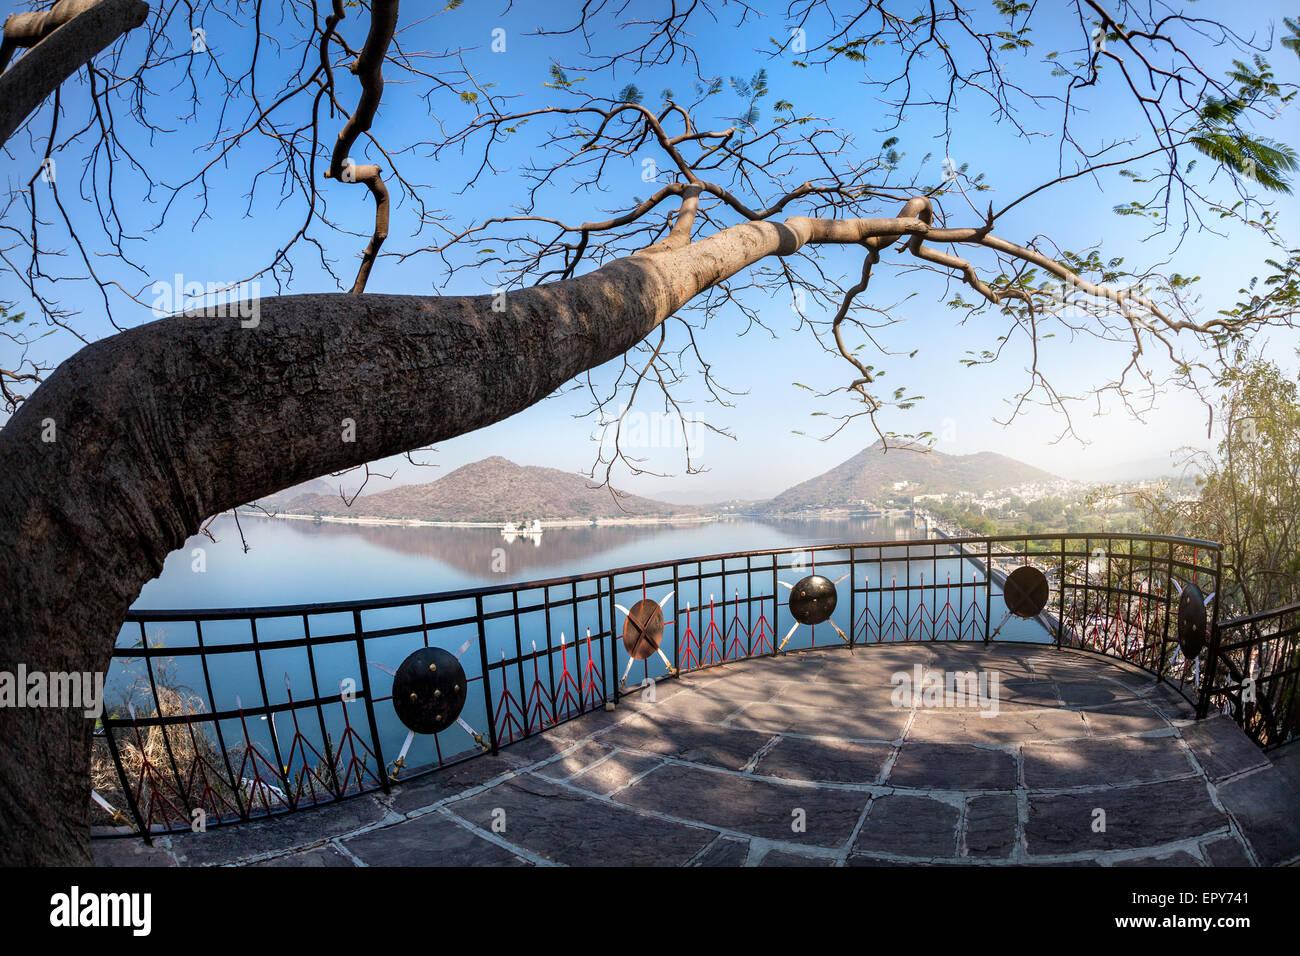 Fateh Sagar Lake et Udaipur la ville depuis le parc Nehru au Rajasthan, Inde Photo Stock